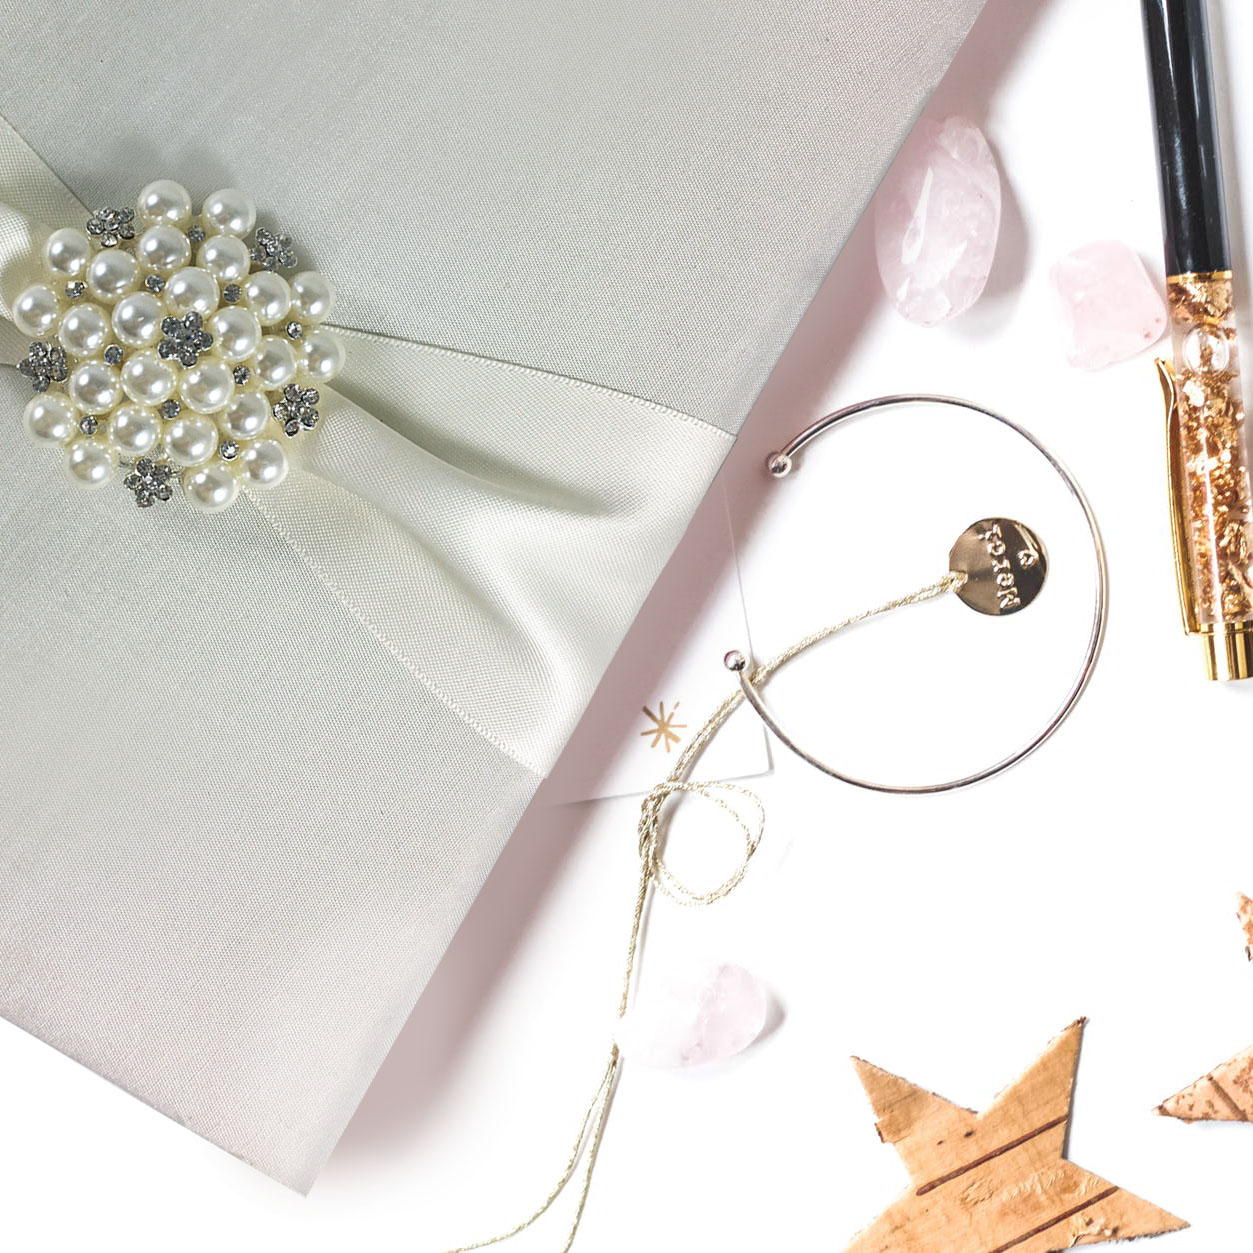 Luxury pearl invitation